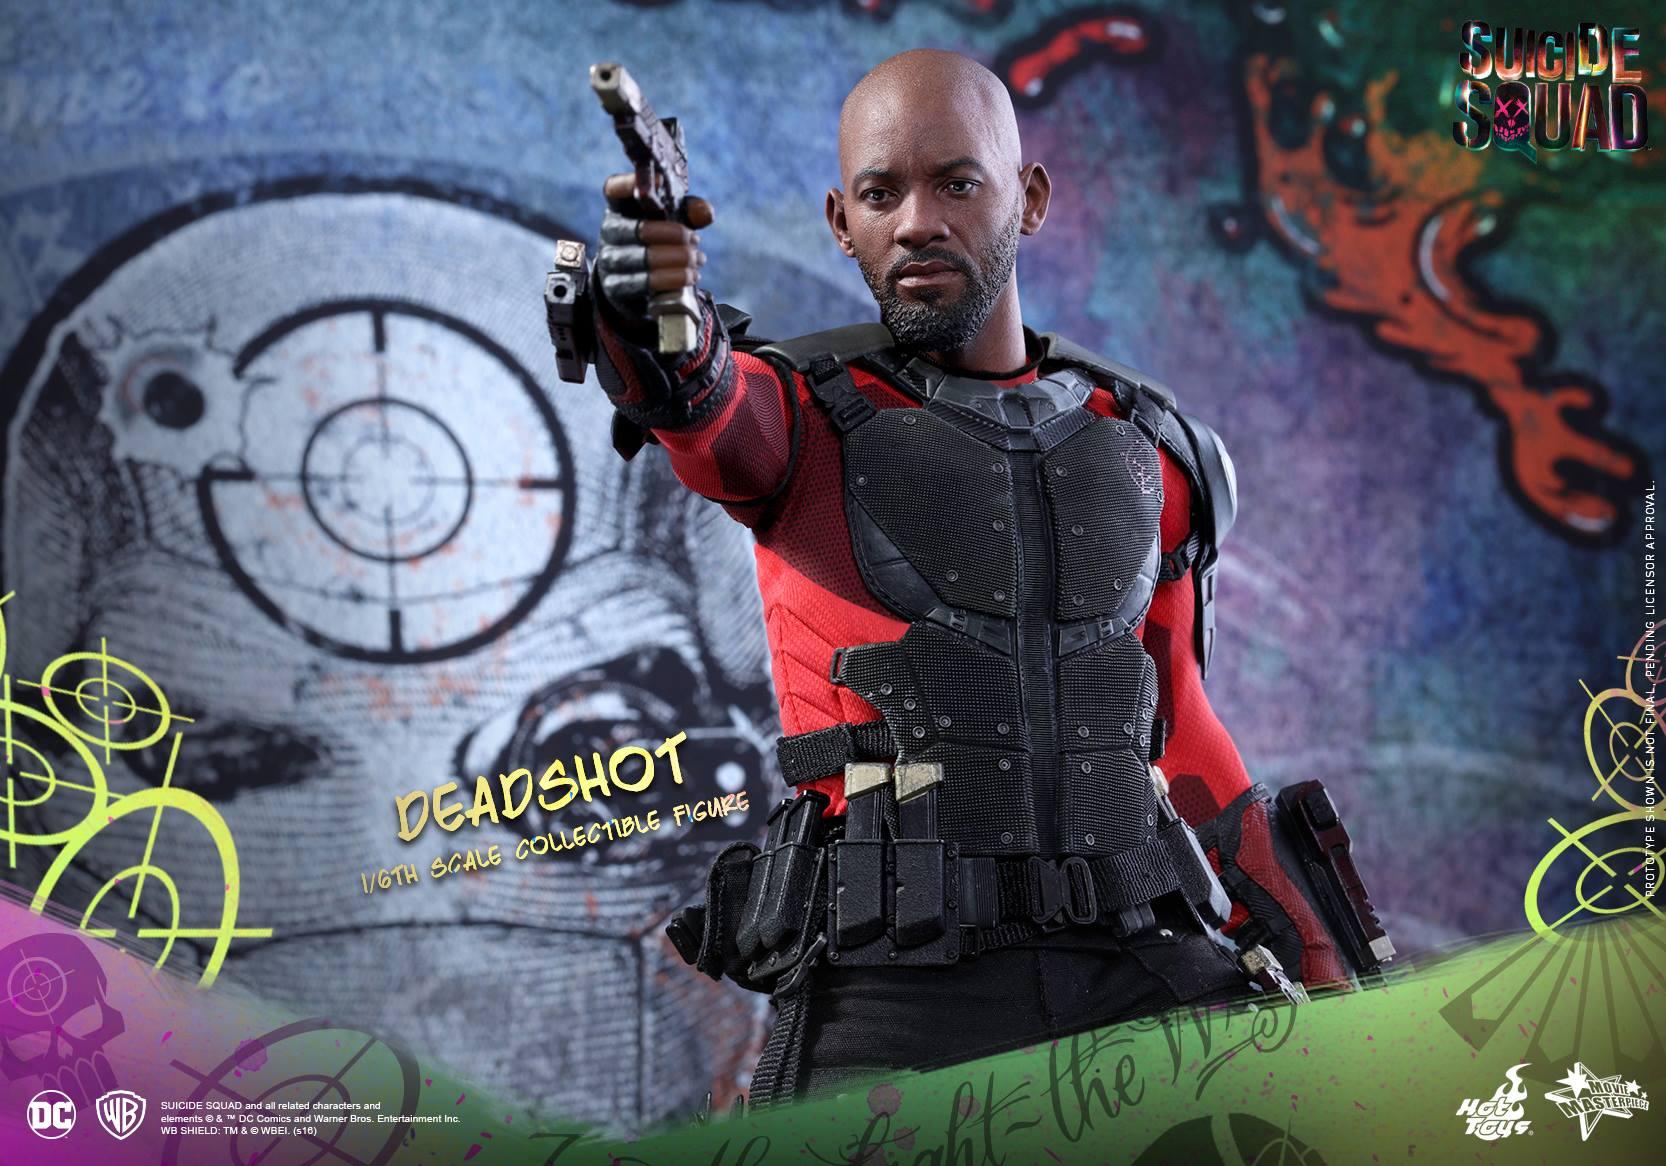 Hot-Toys-Suicide-Squad-Deadshot-15